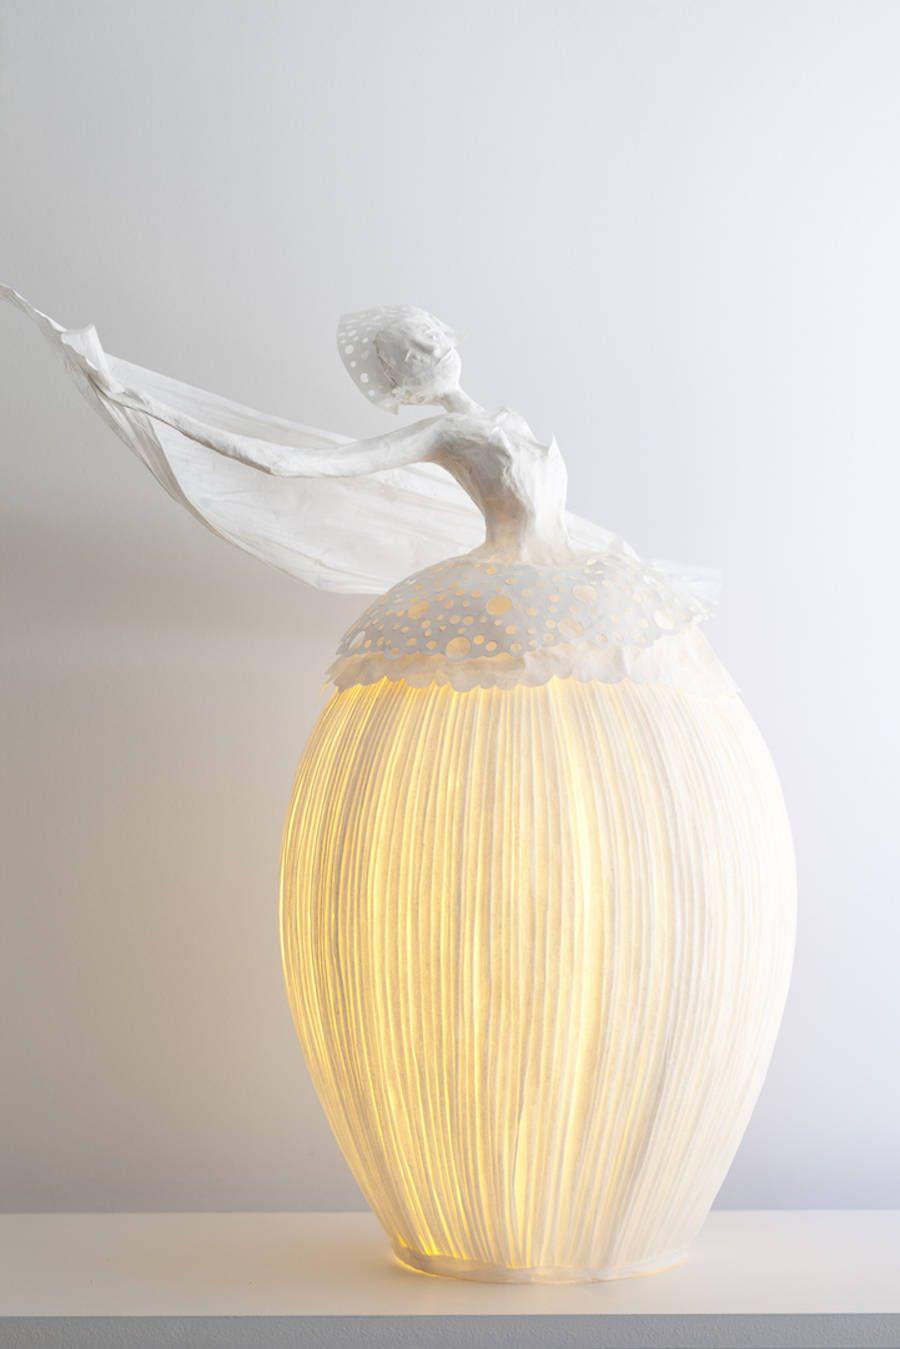 Papier-Mâché Lamp Sculptures | Paper mache, Craft and Lights